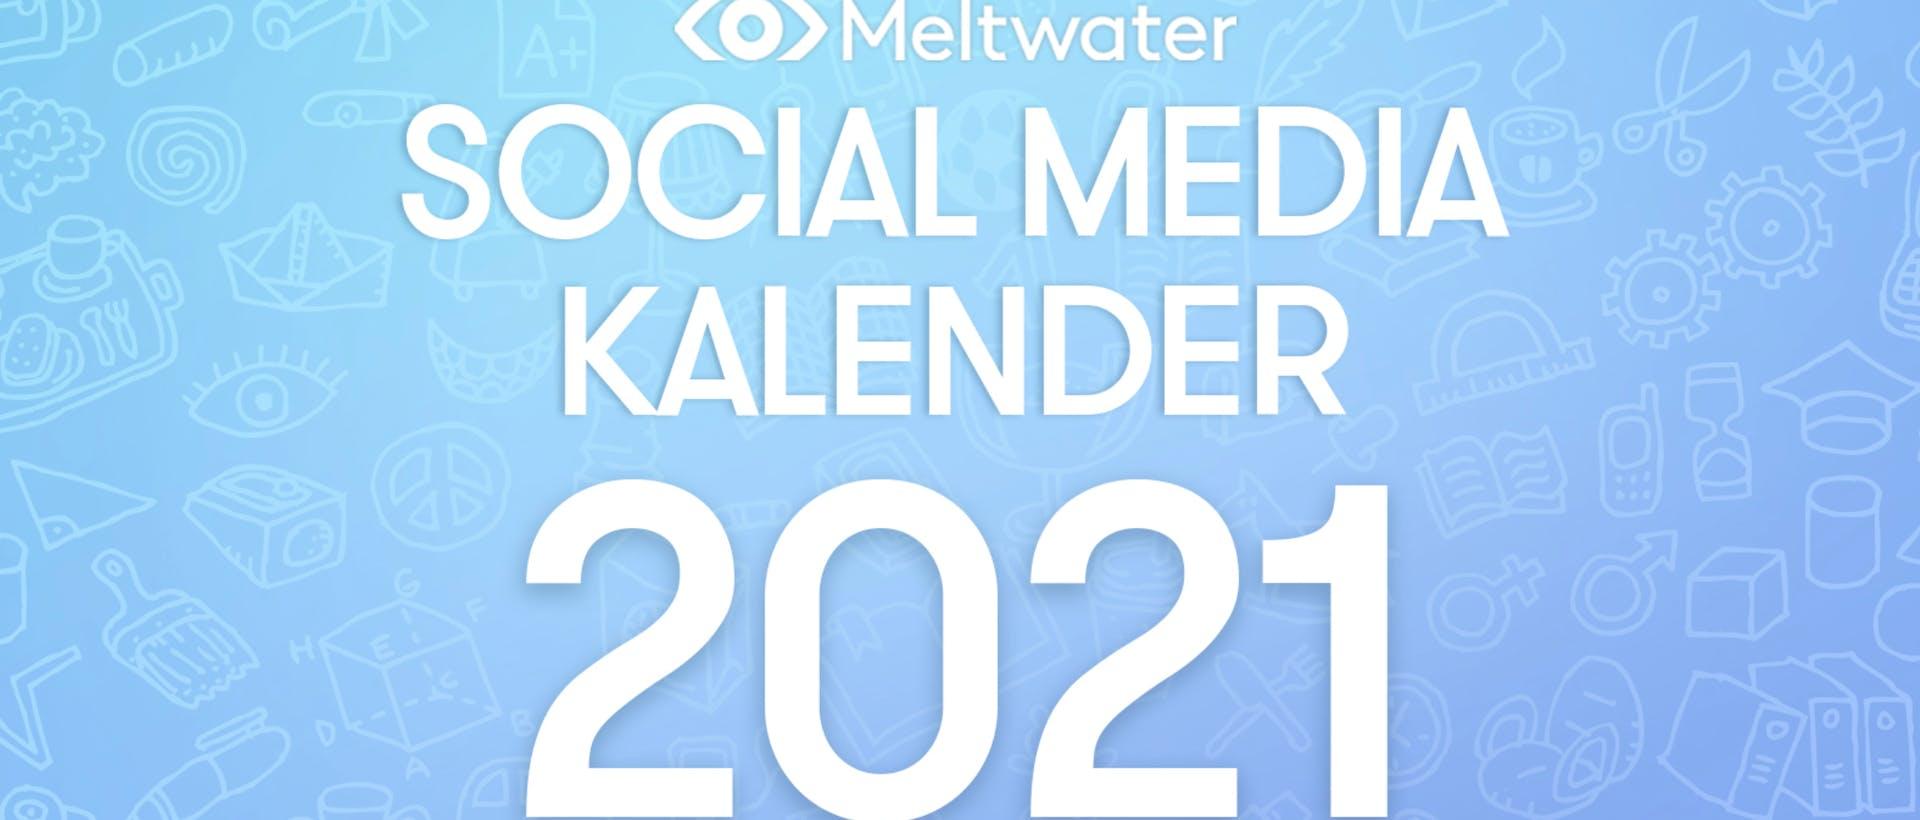 Social Media Kalender 2021